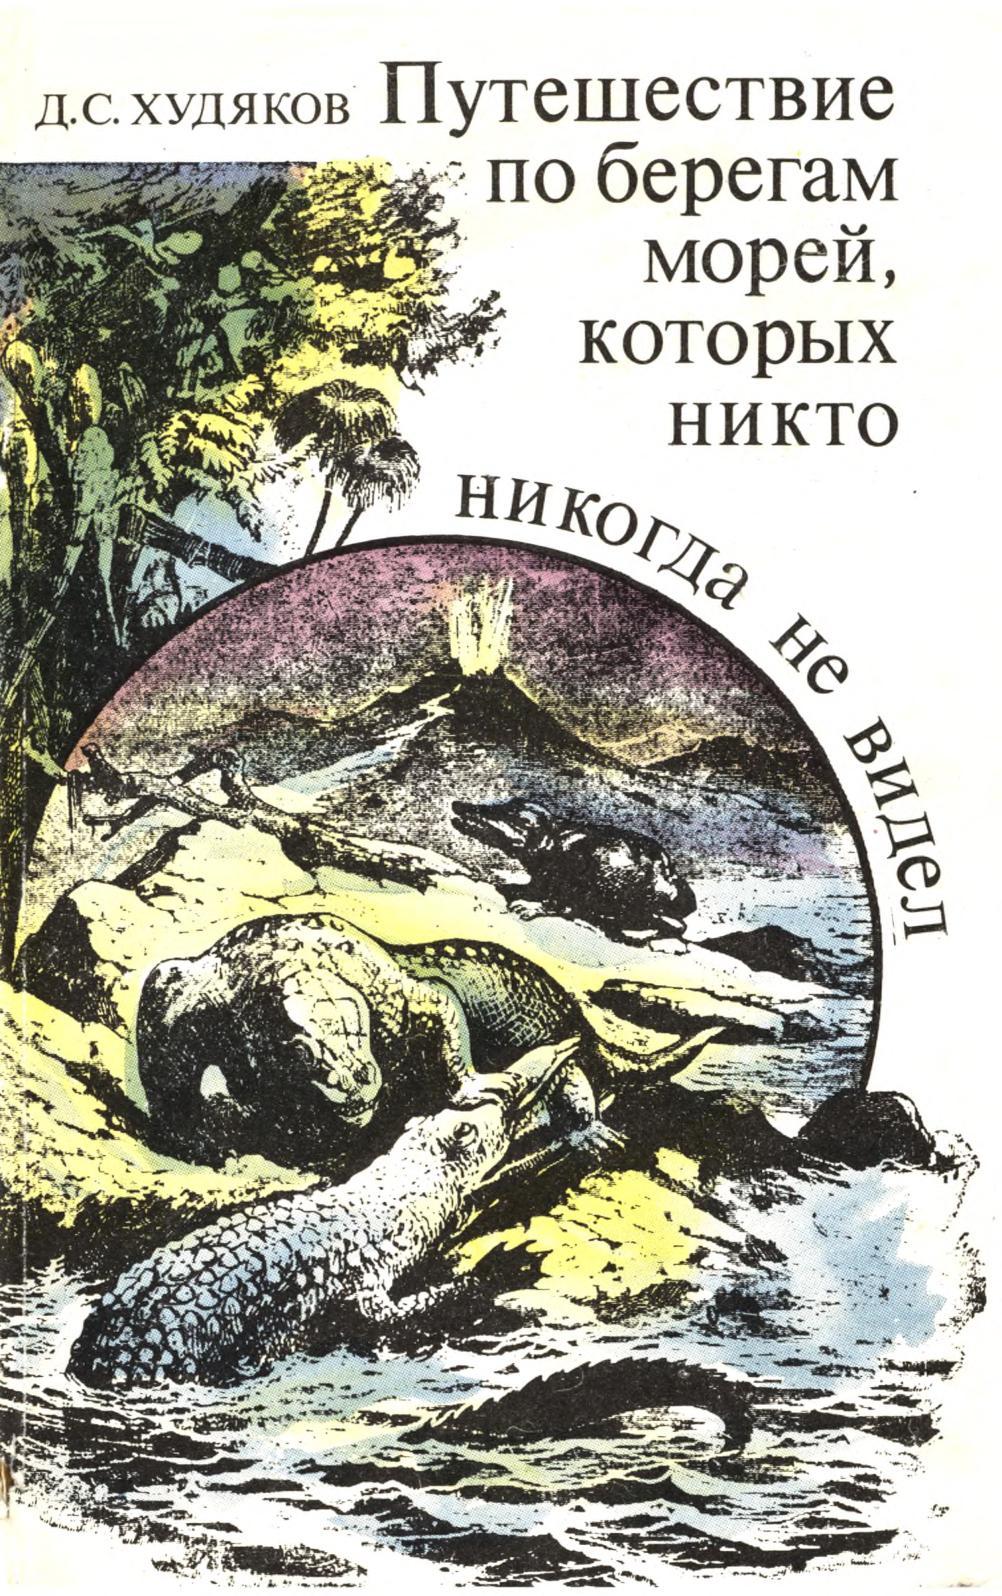 Худяков Д. С. Путешествие по берегам морей, которых никто никогда не видел